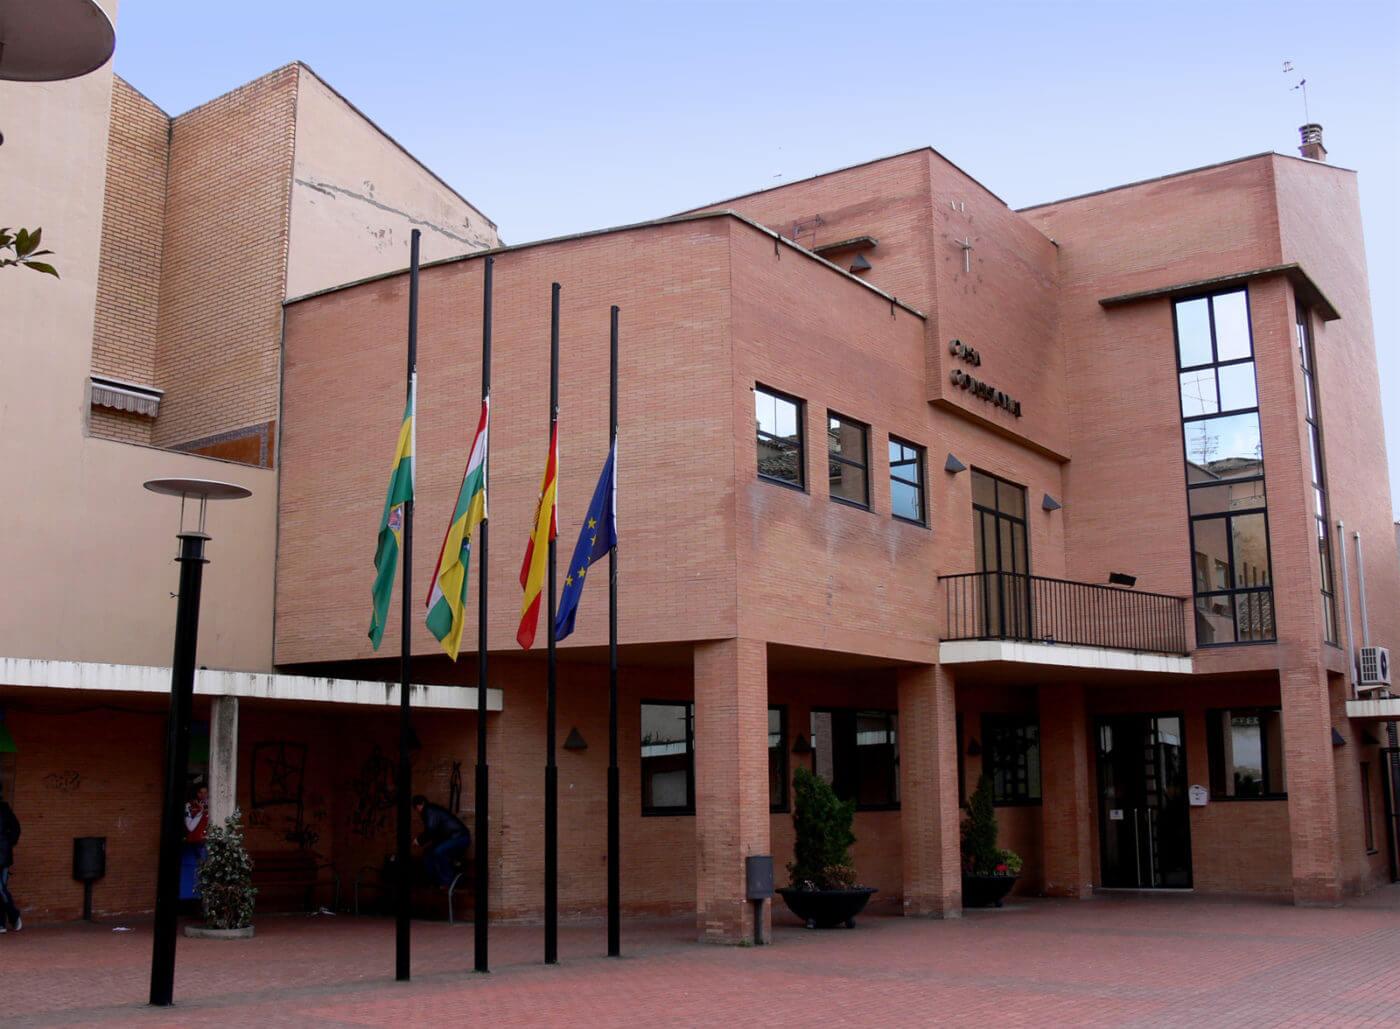 El ayuntamiento de Pradejón traslada recomendaciones a sus vecinos para que tomen conciencia de la situación generada por el Covid-19